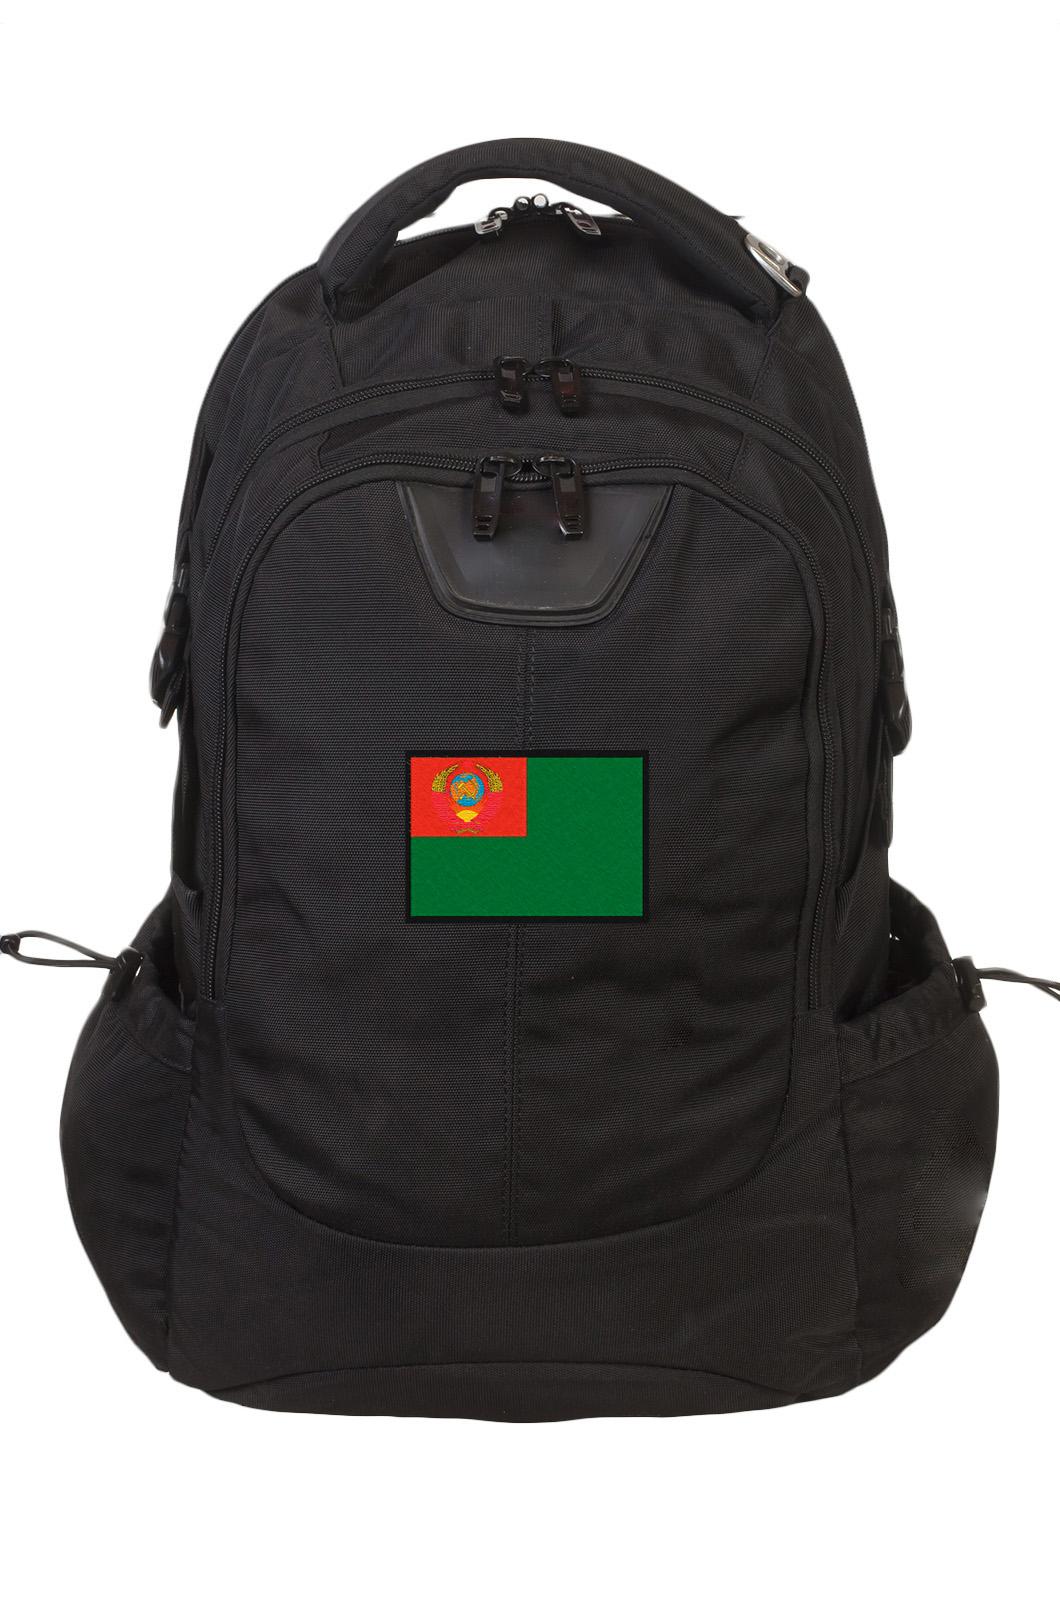 Зачетный черный рюкзак с нашивкой Погранвойска